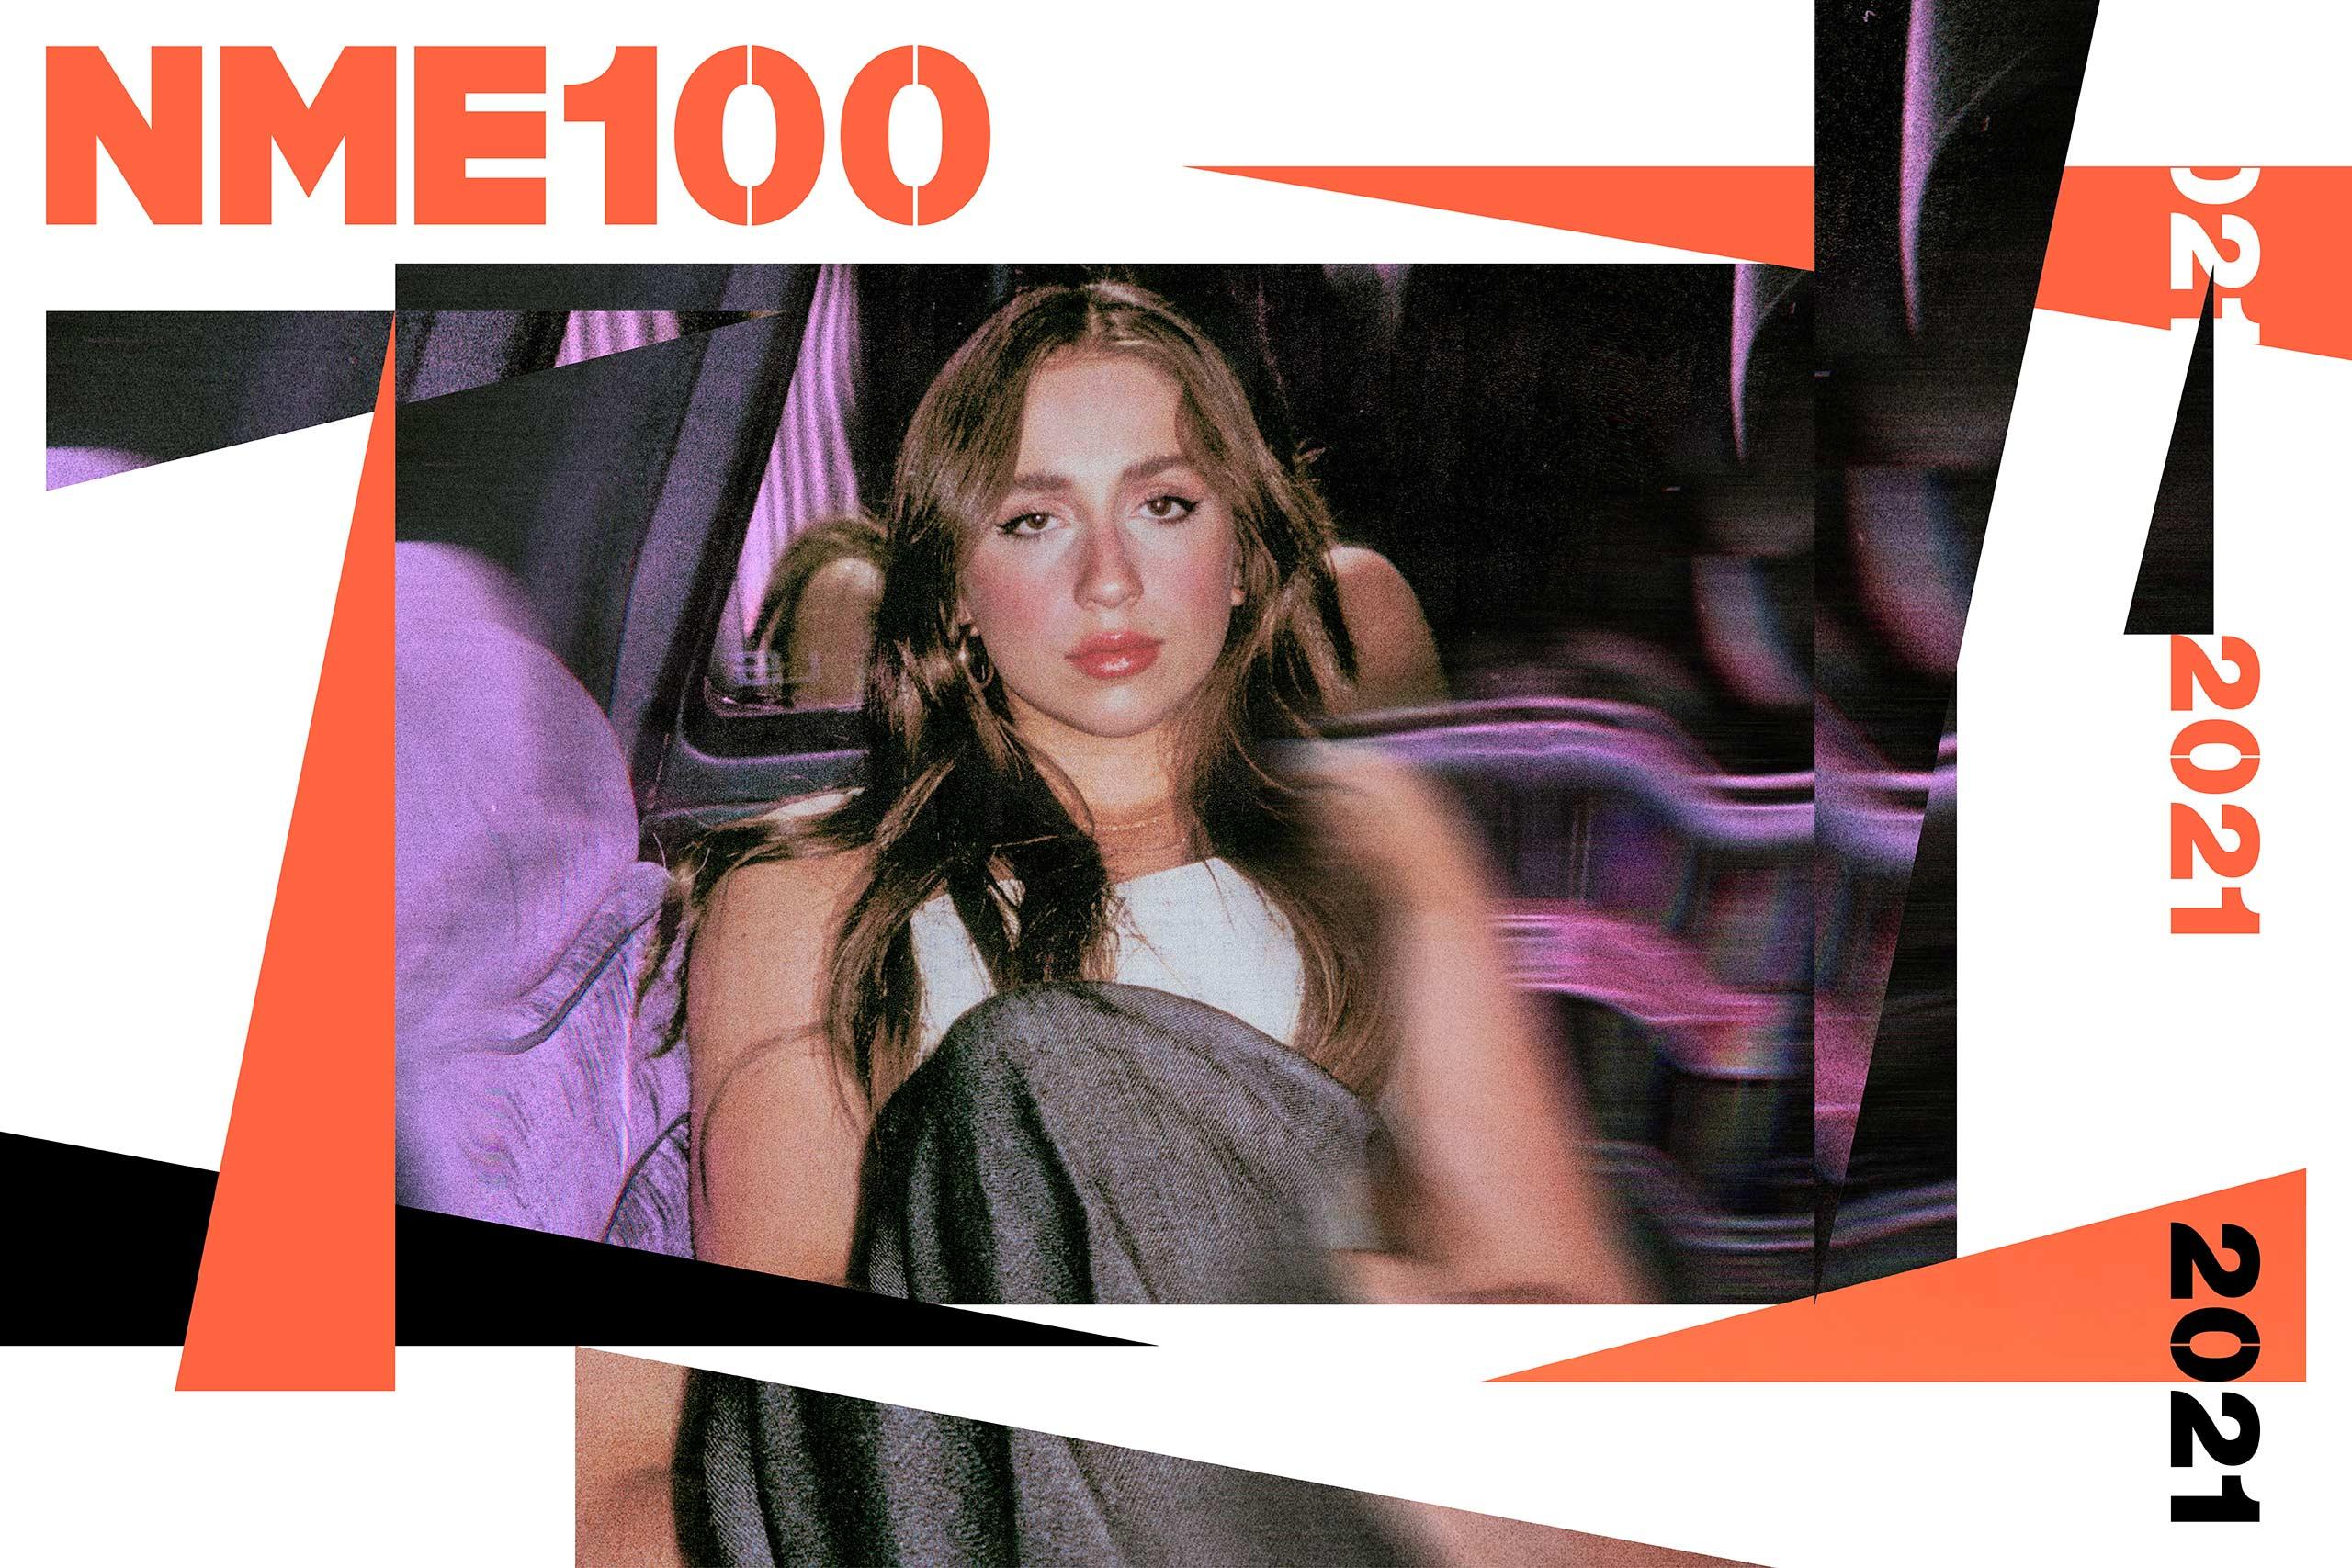 NME 100 tate mcrae